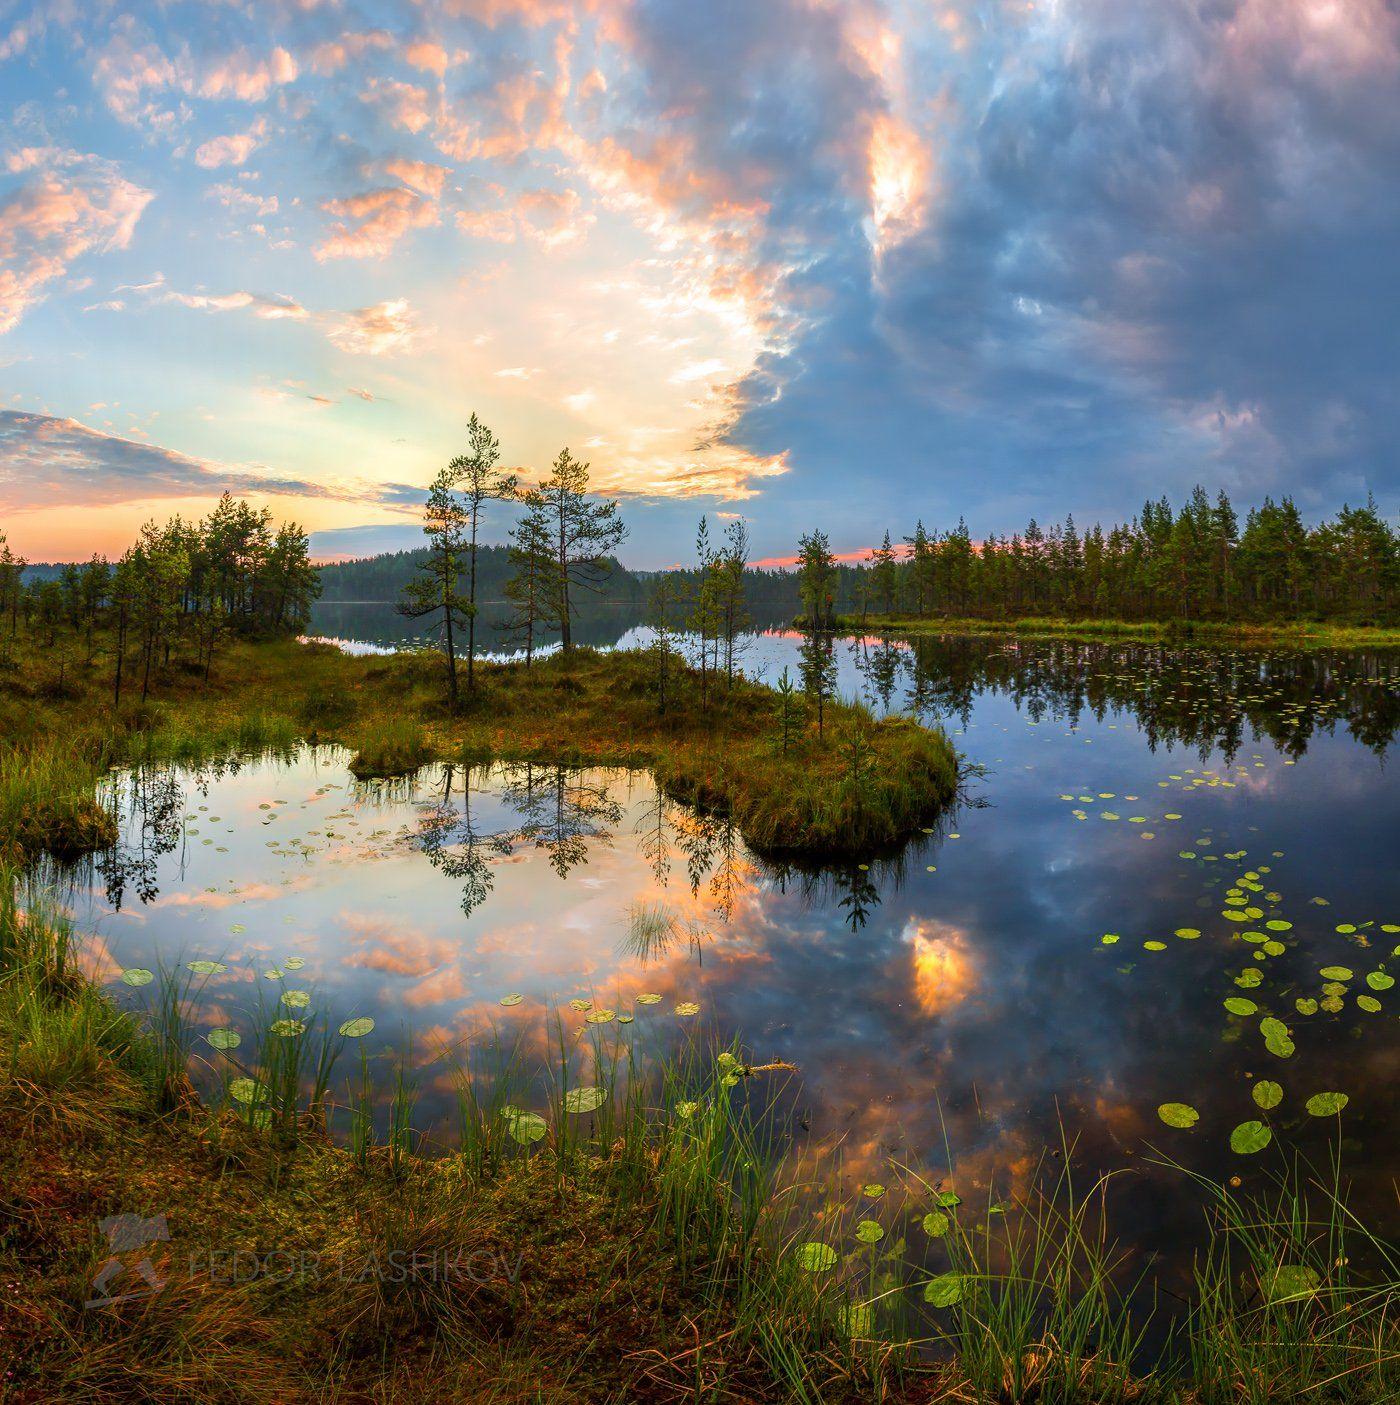 ленинградская область, рассвет, лето, сосны, озеро, отражение, деревья, берег, небо, облака, болото,, Лашков Фёдор